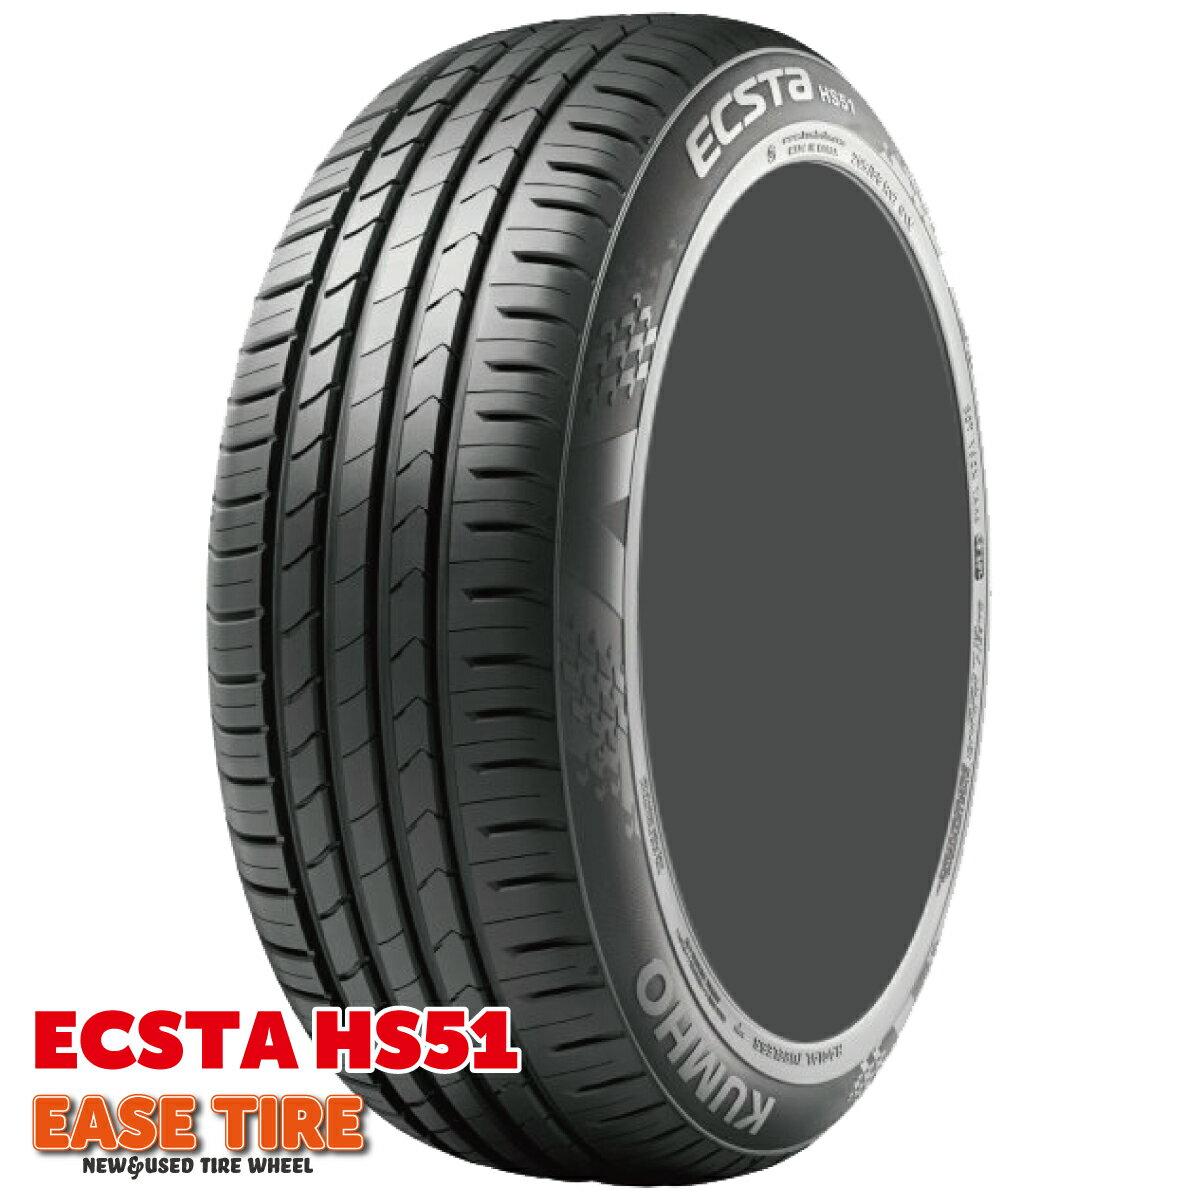 タイヤ・ホイール, サマータイヤ 19540R17 KUMHO ECSTA HS51 1 4